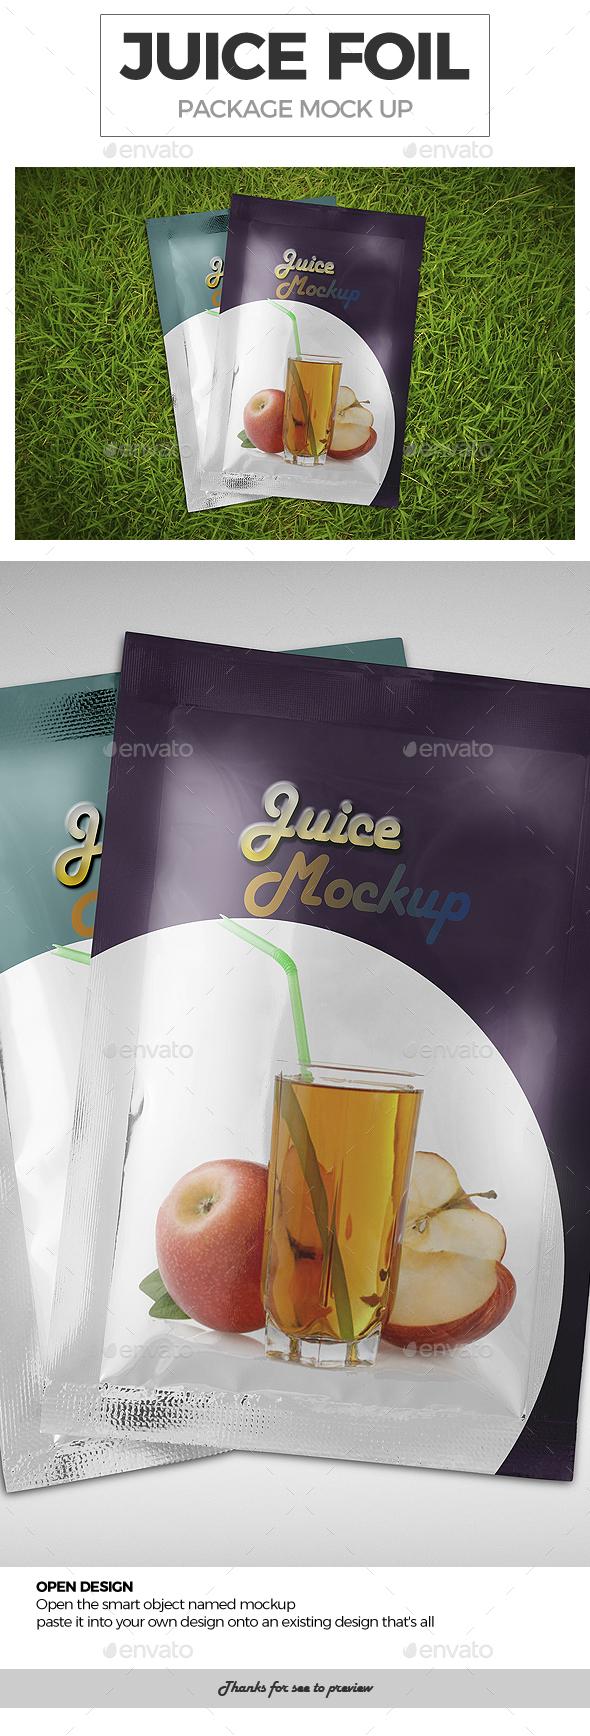 Juice Foil Package Mockup - Food and Drink Packaging